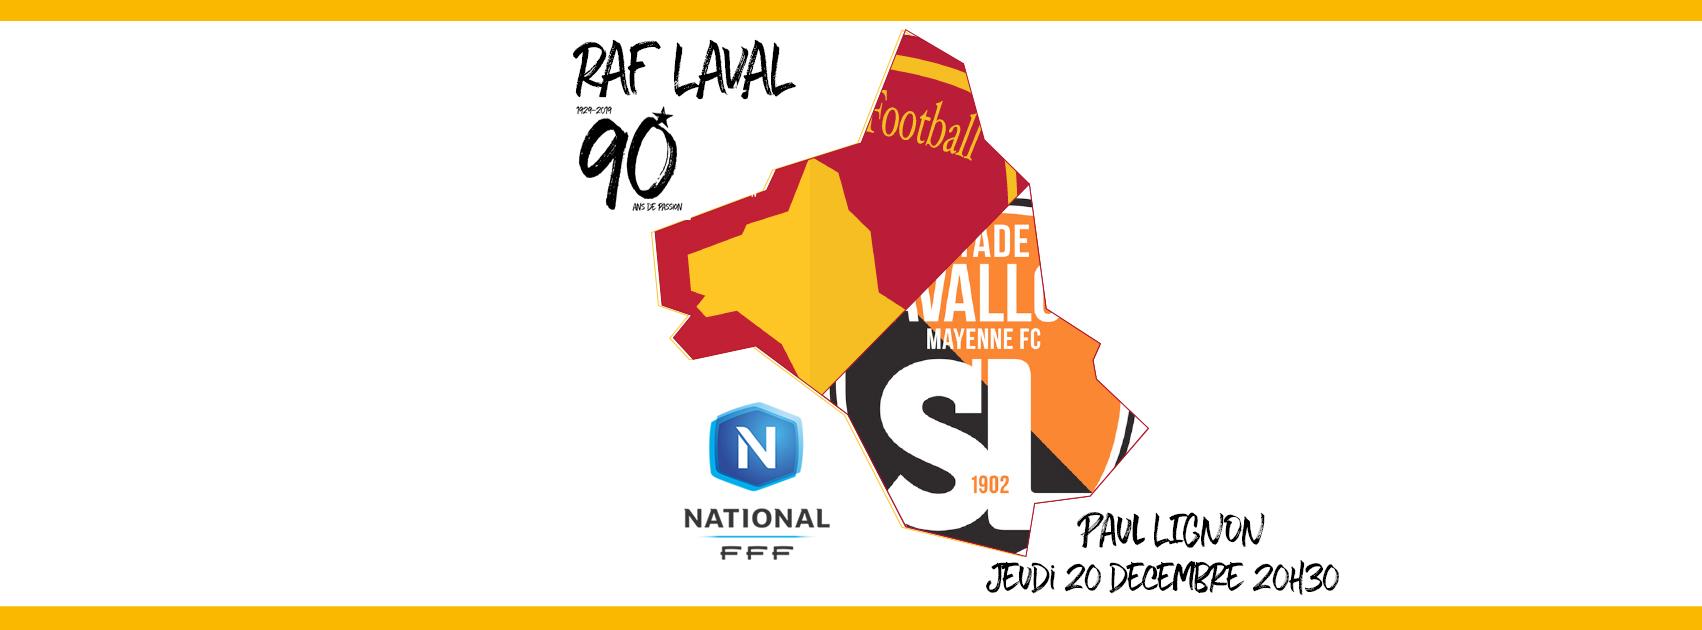 RAF_LavalFB